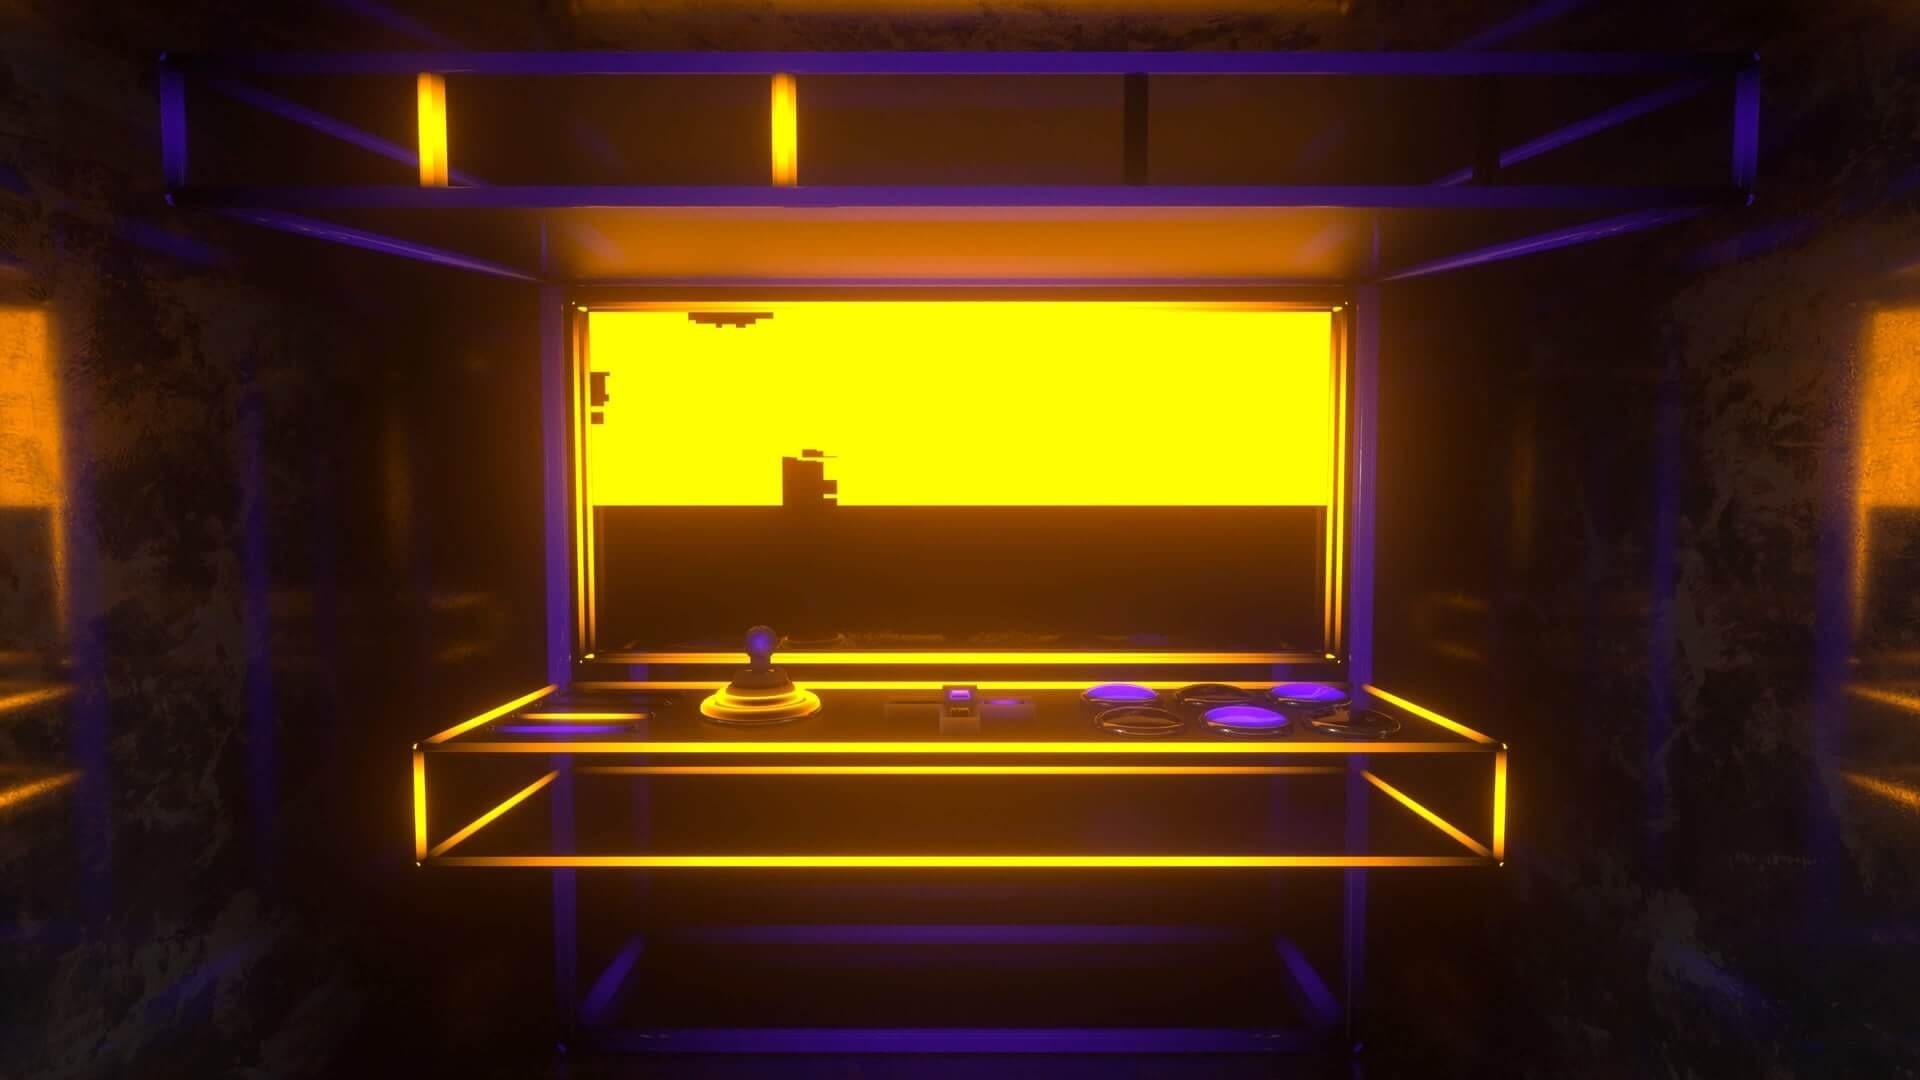 Arcade Game VJ Loop by Ghosteam